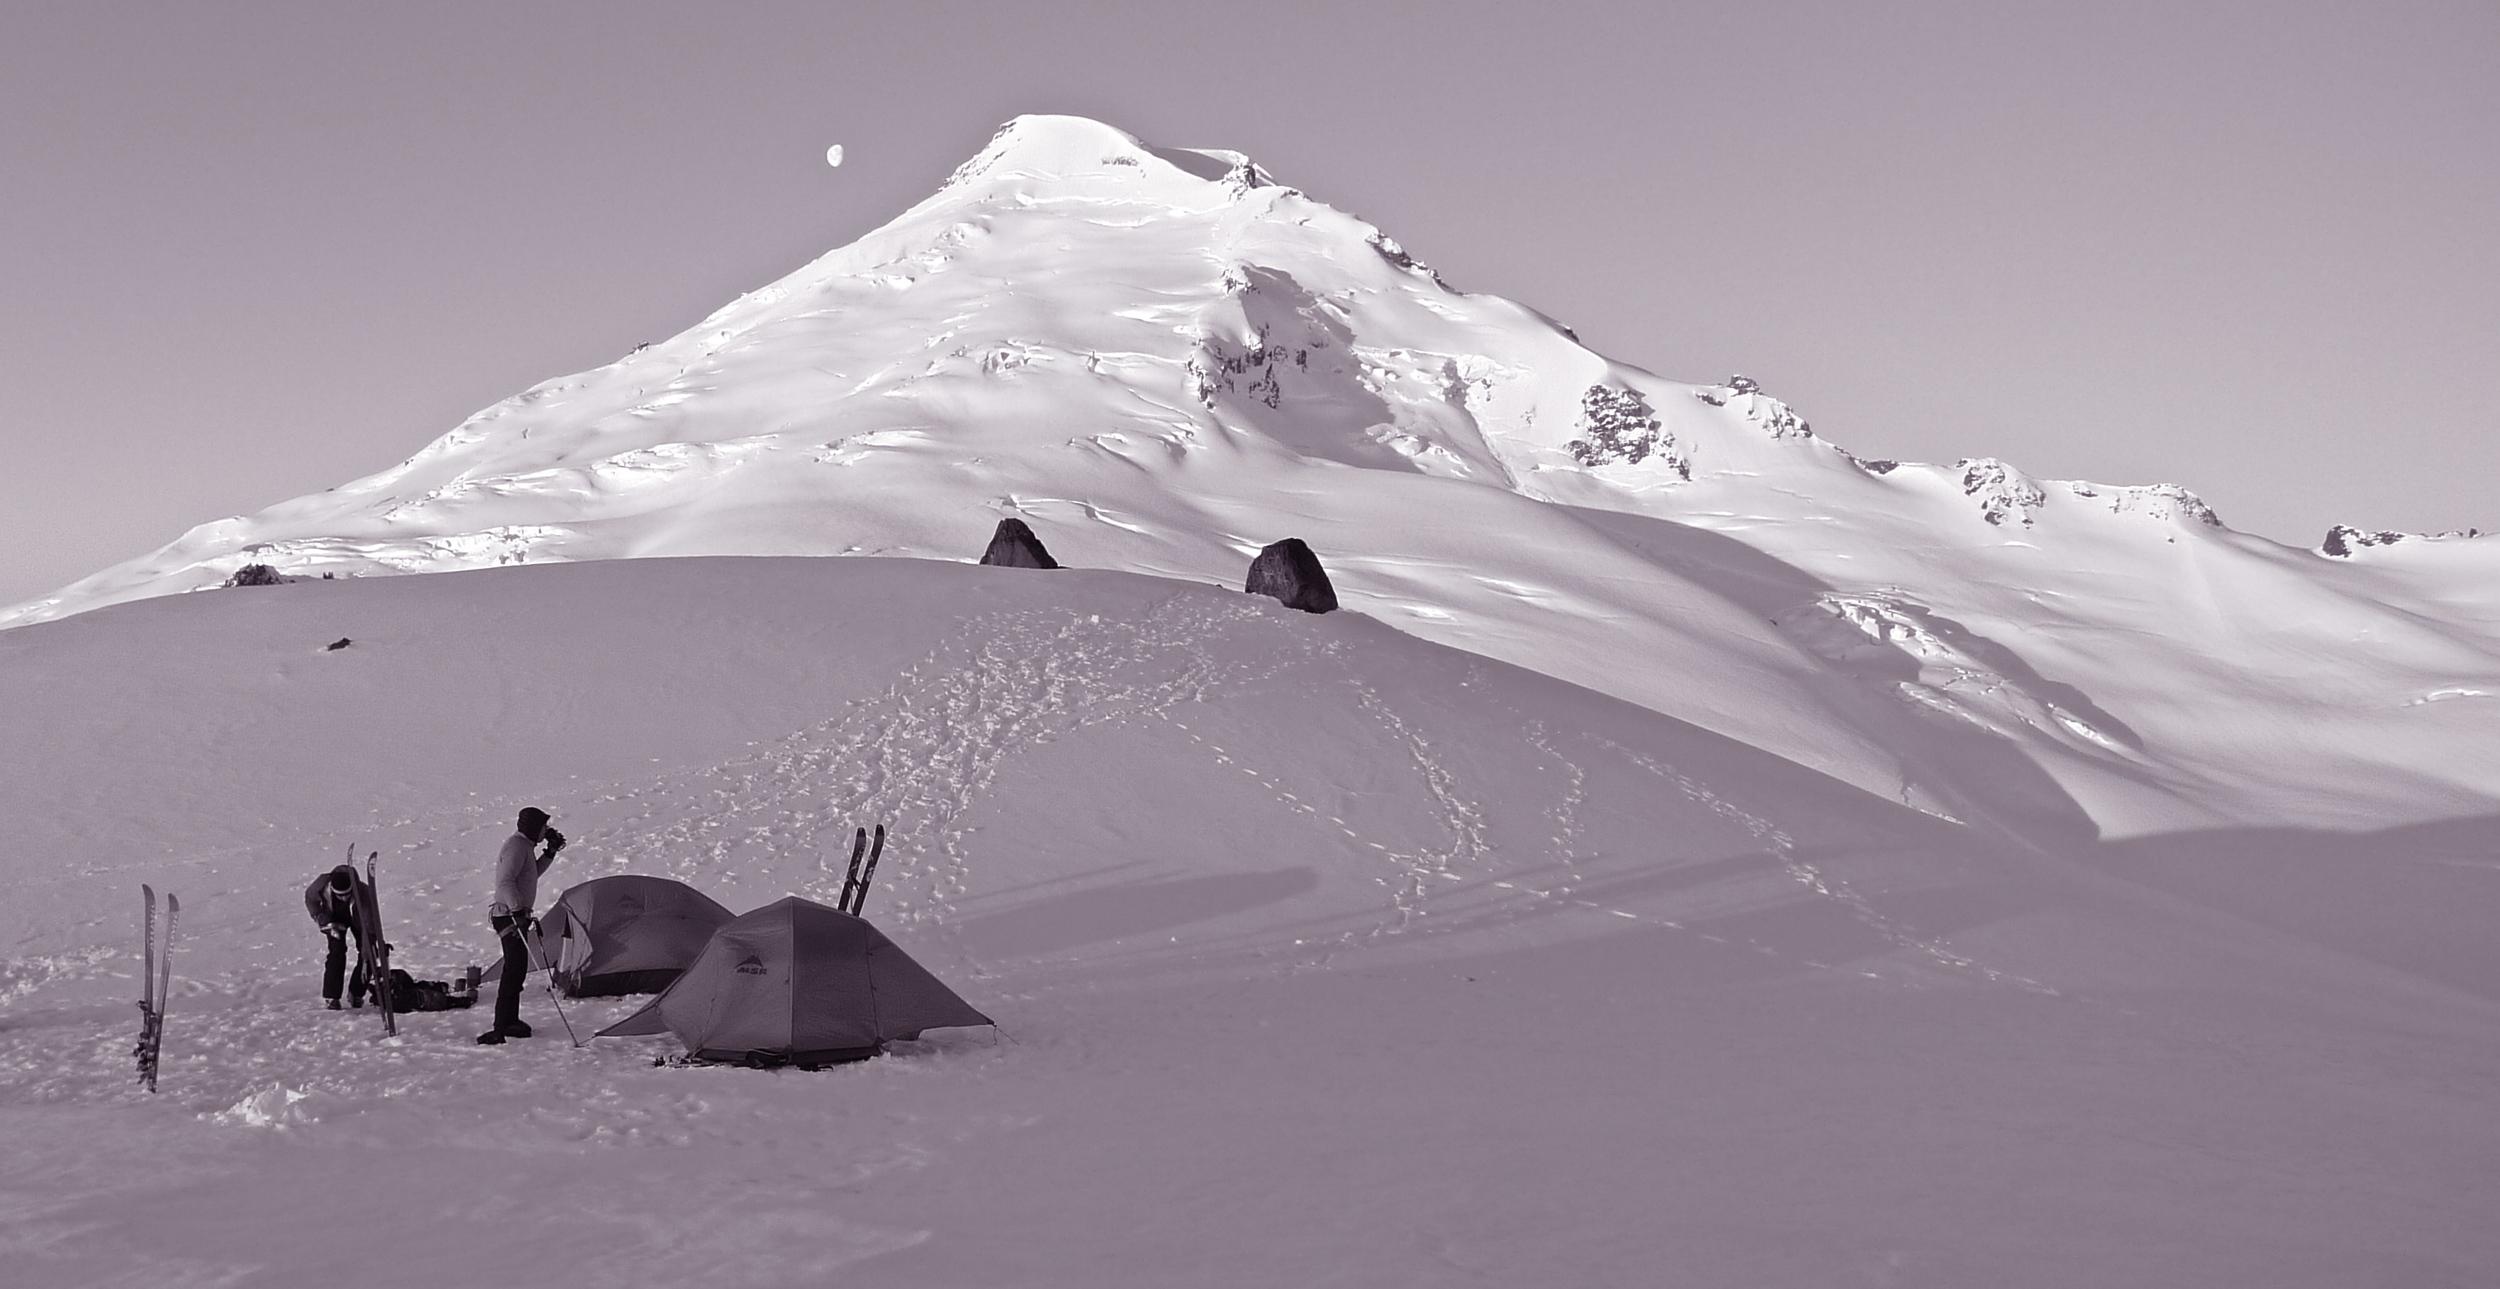 Camp overlooking the Park Glacier on Mt. Baker